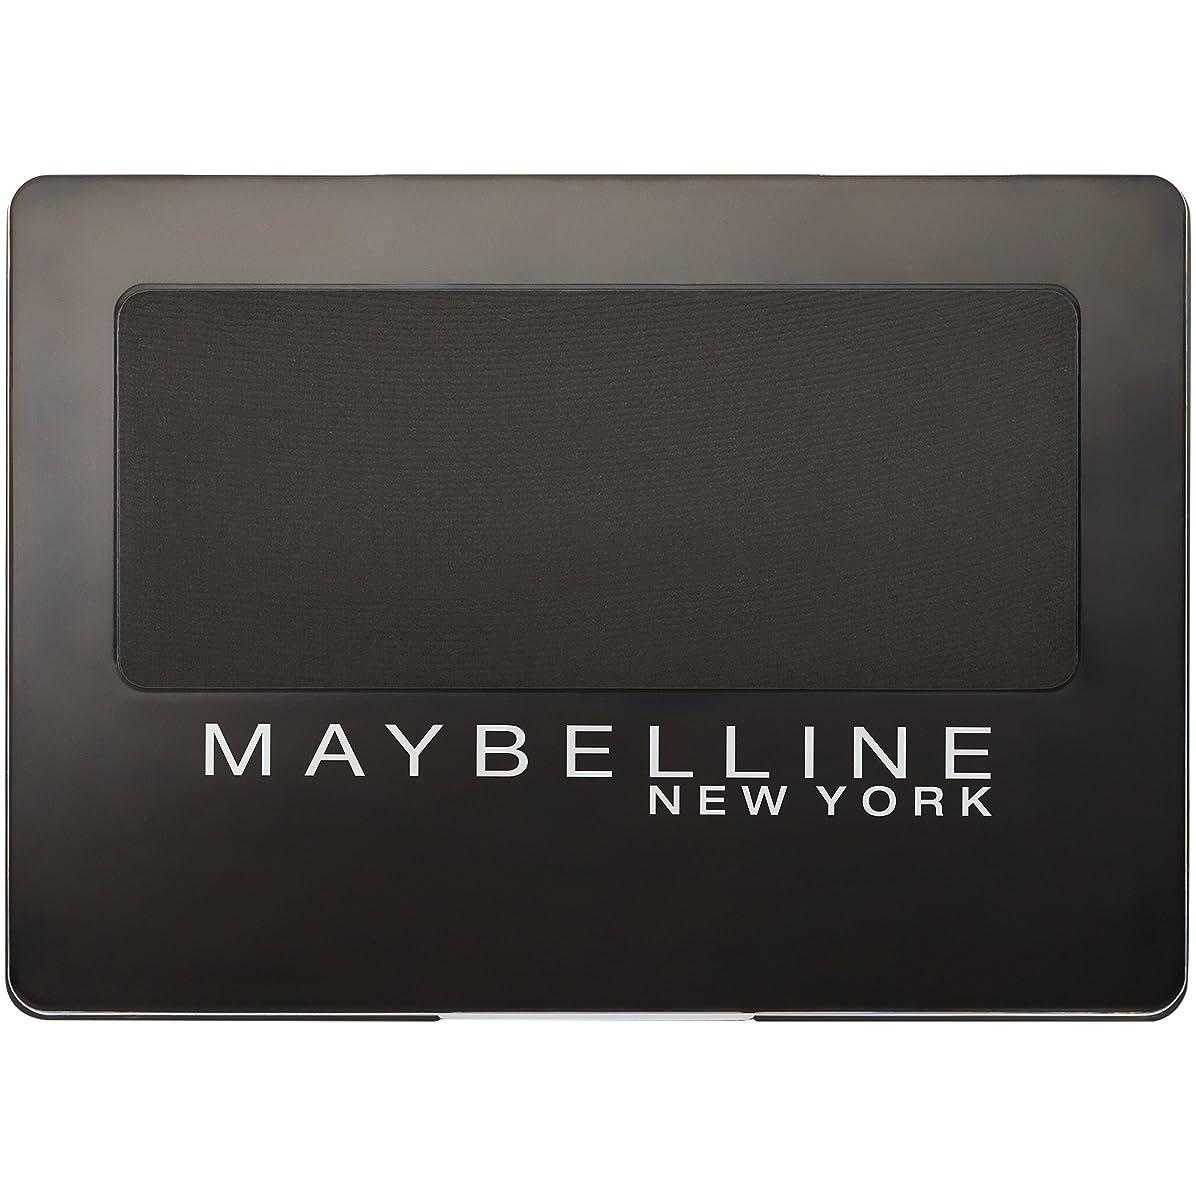 ピービッシュそれら送るMaybelline New York メイベリンエキスパートは、アイシャドウ、夜空、0.08オズを着用してください。